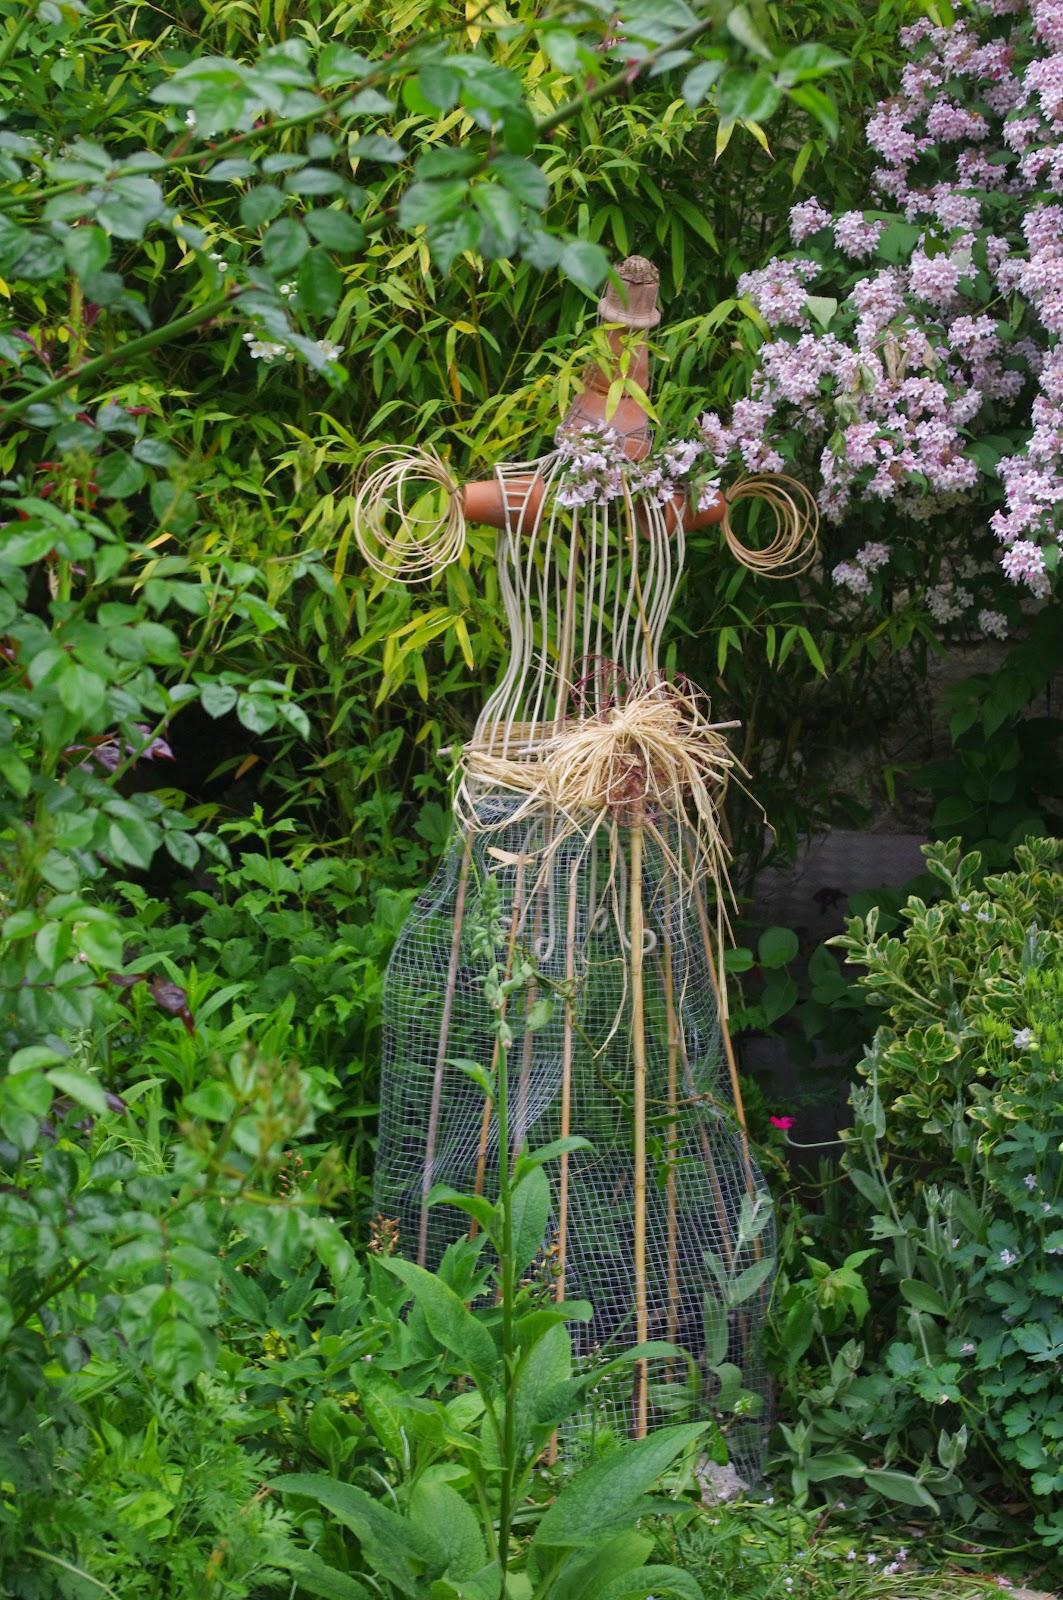 Le jardin des couronnes la gardienne des lieux - Faire peur aux oiseaux jardin ...